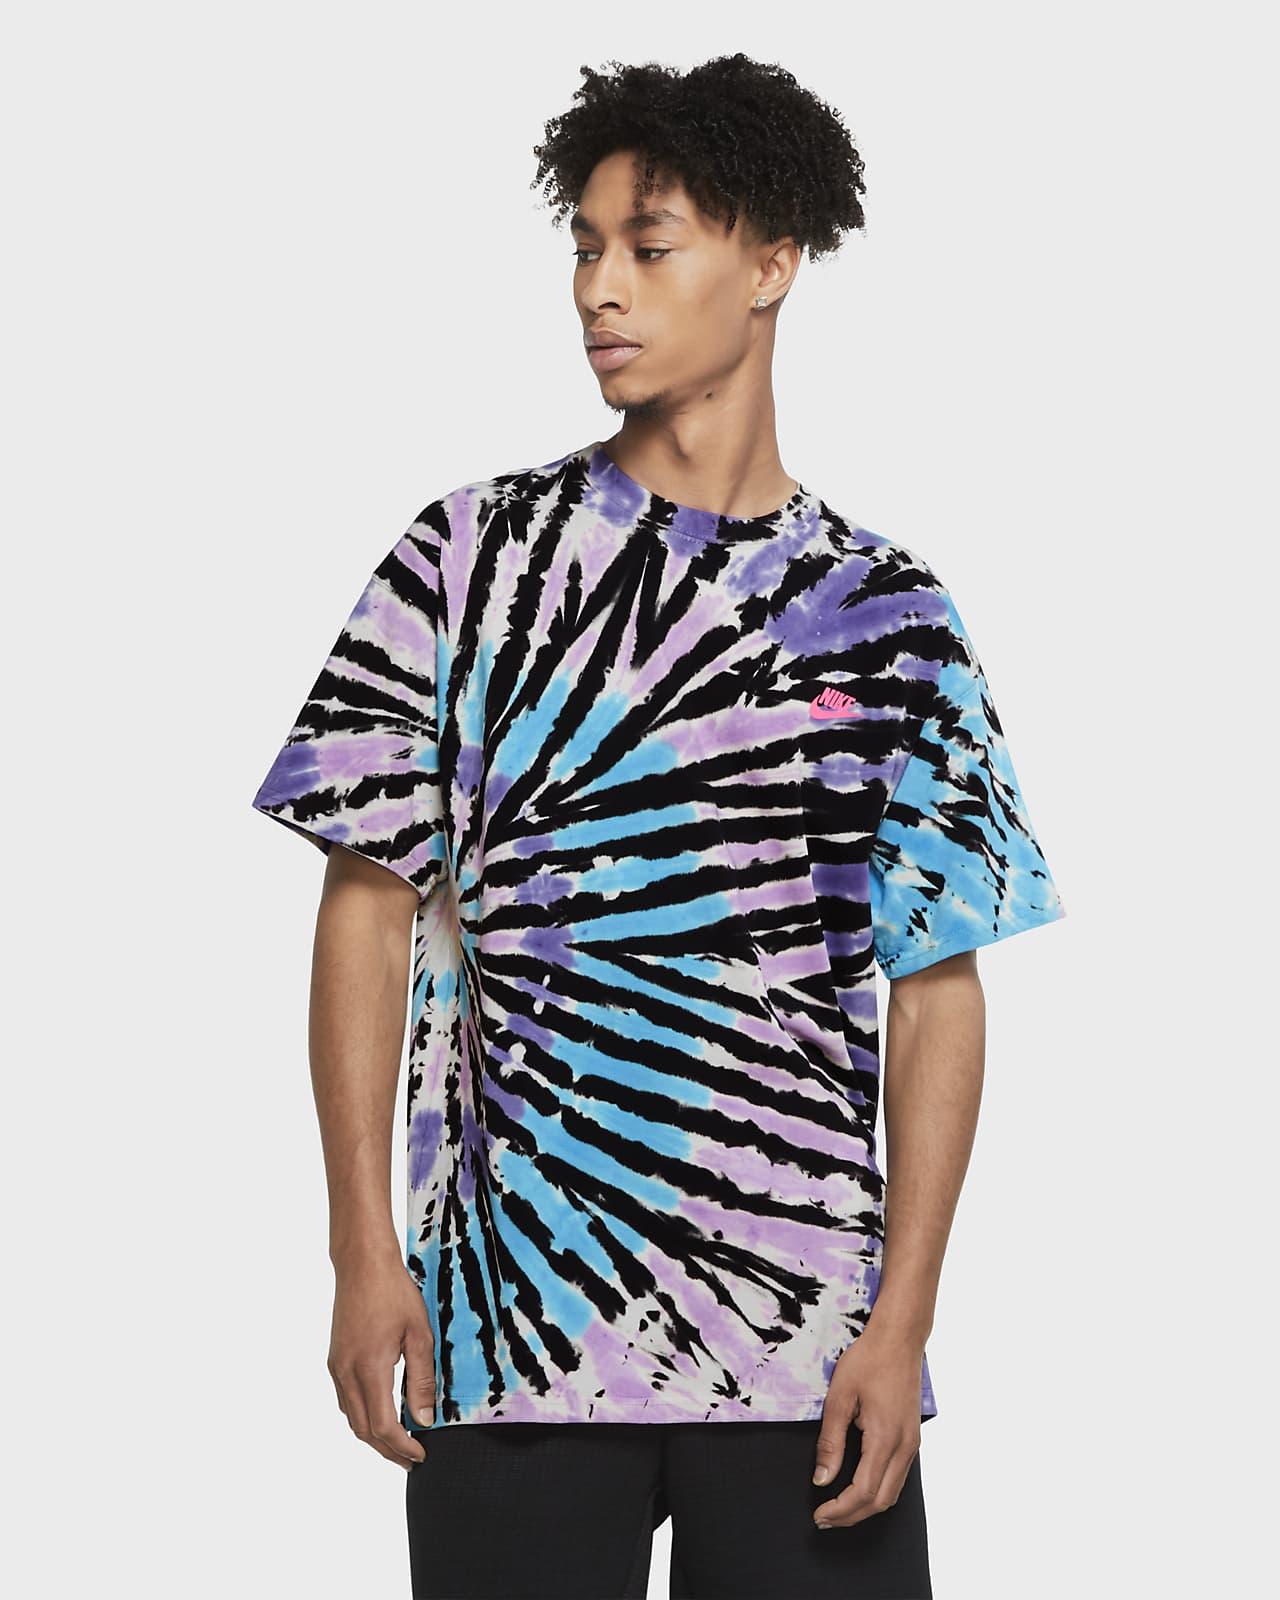 T-shirt Nike Sportswear med batikmönster för män